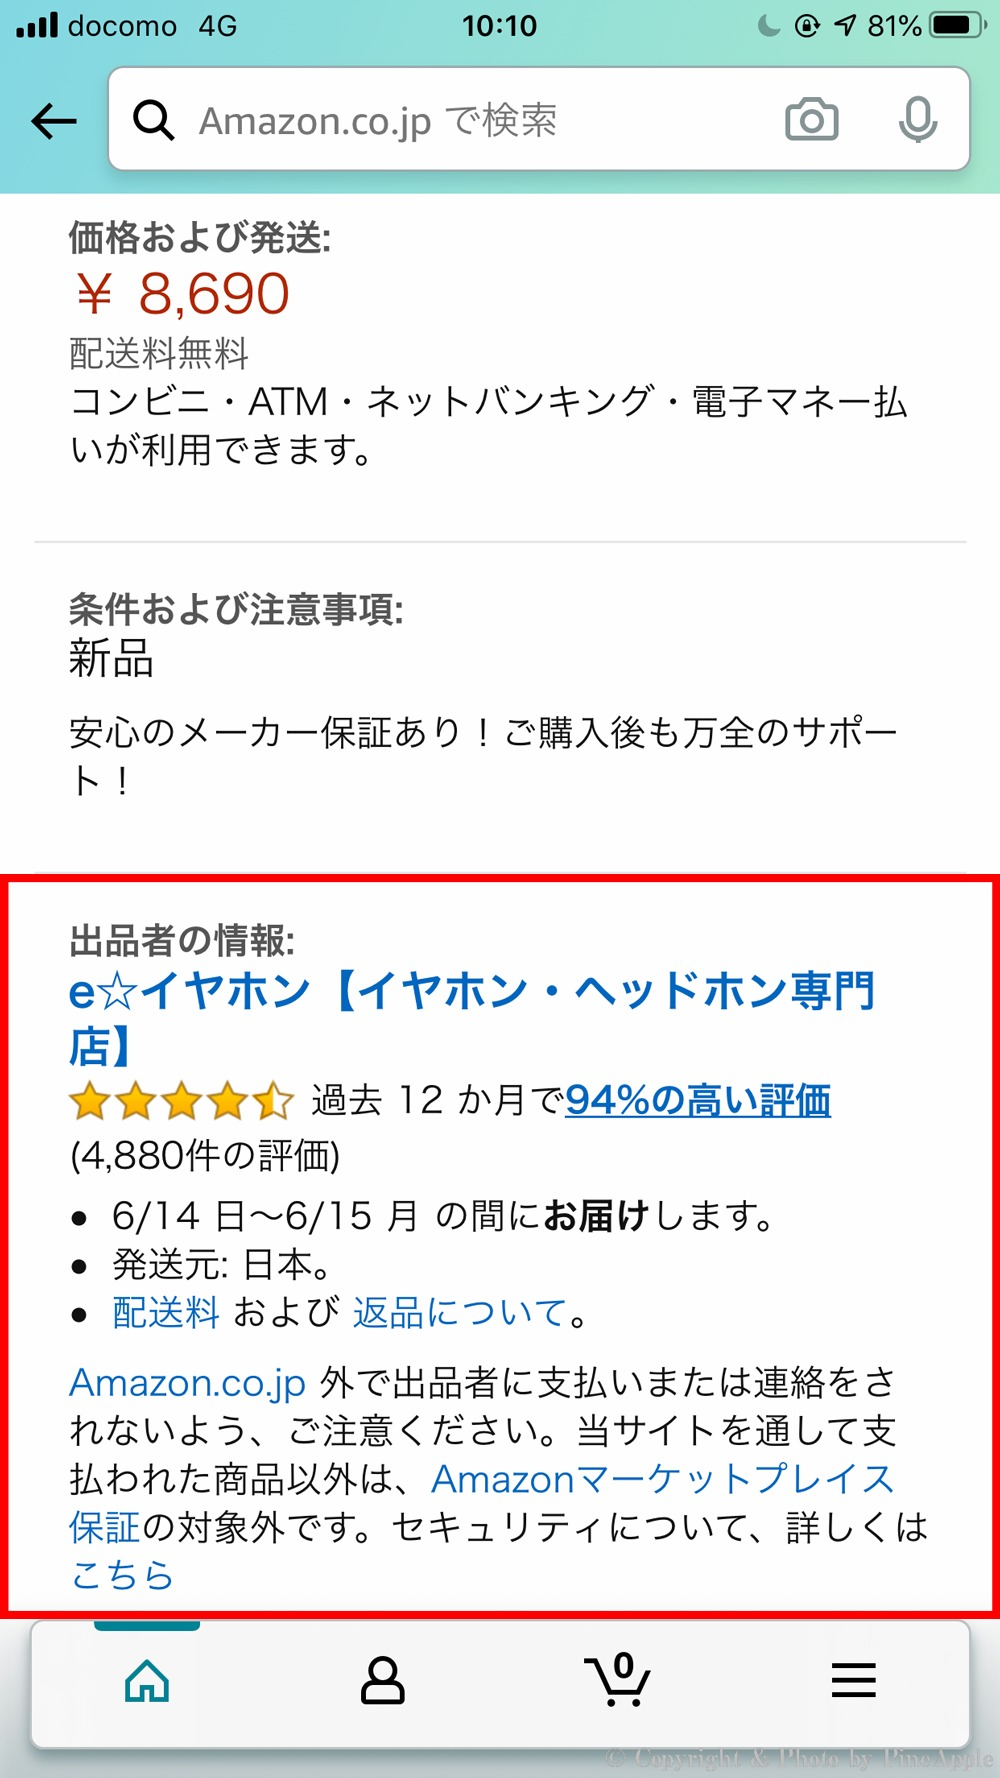 Amazon ショッピングアプリ:「出品者の情報」までスワイプし、出展者情報を確認